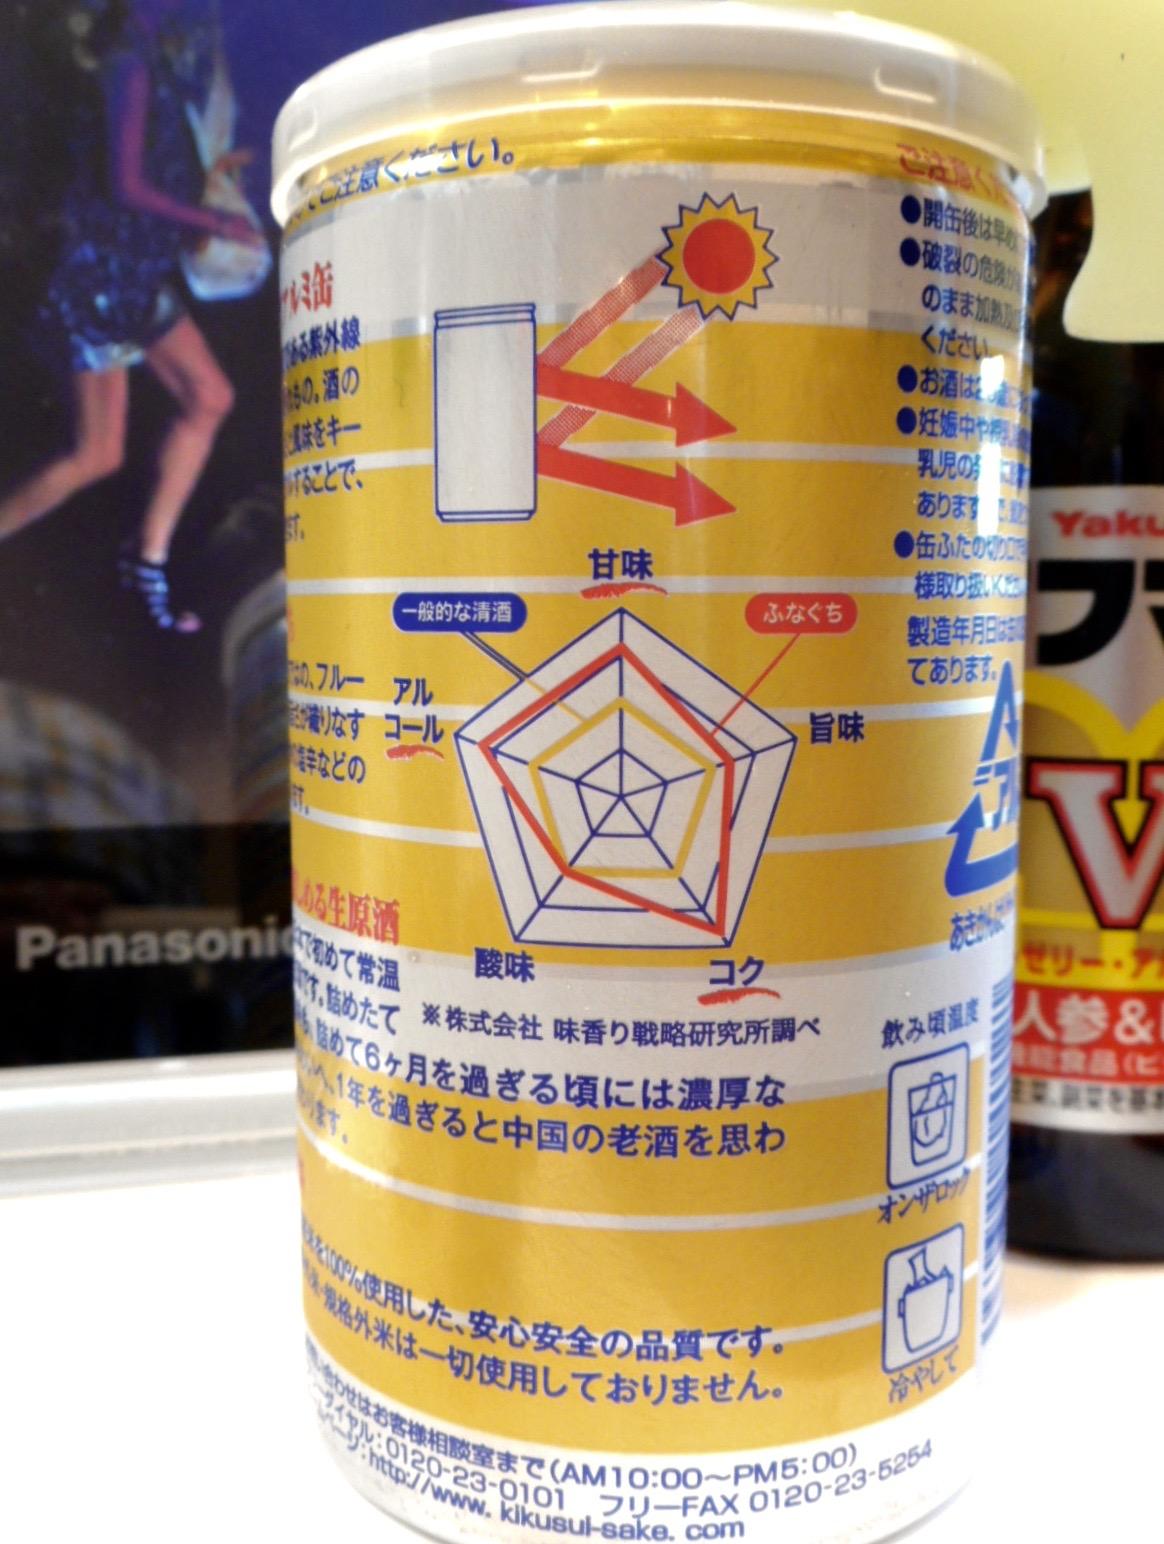 funaguchi_kikusui4.jpg